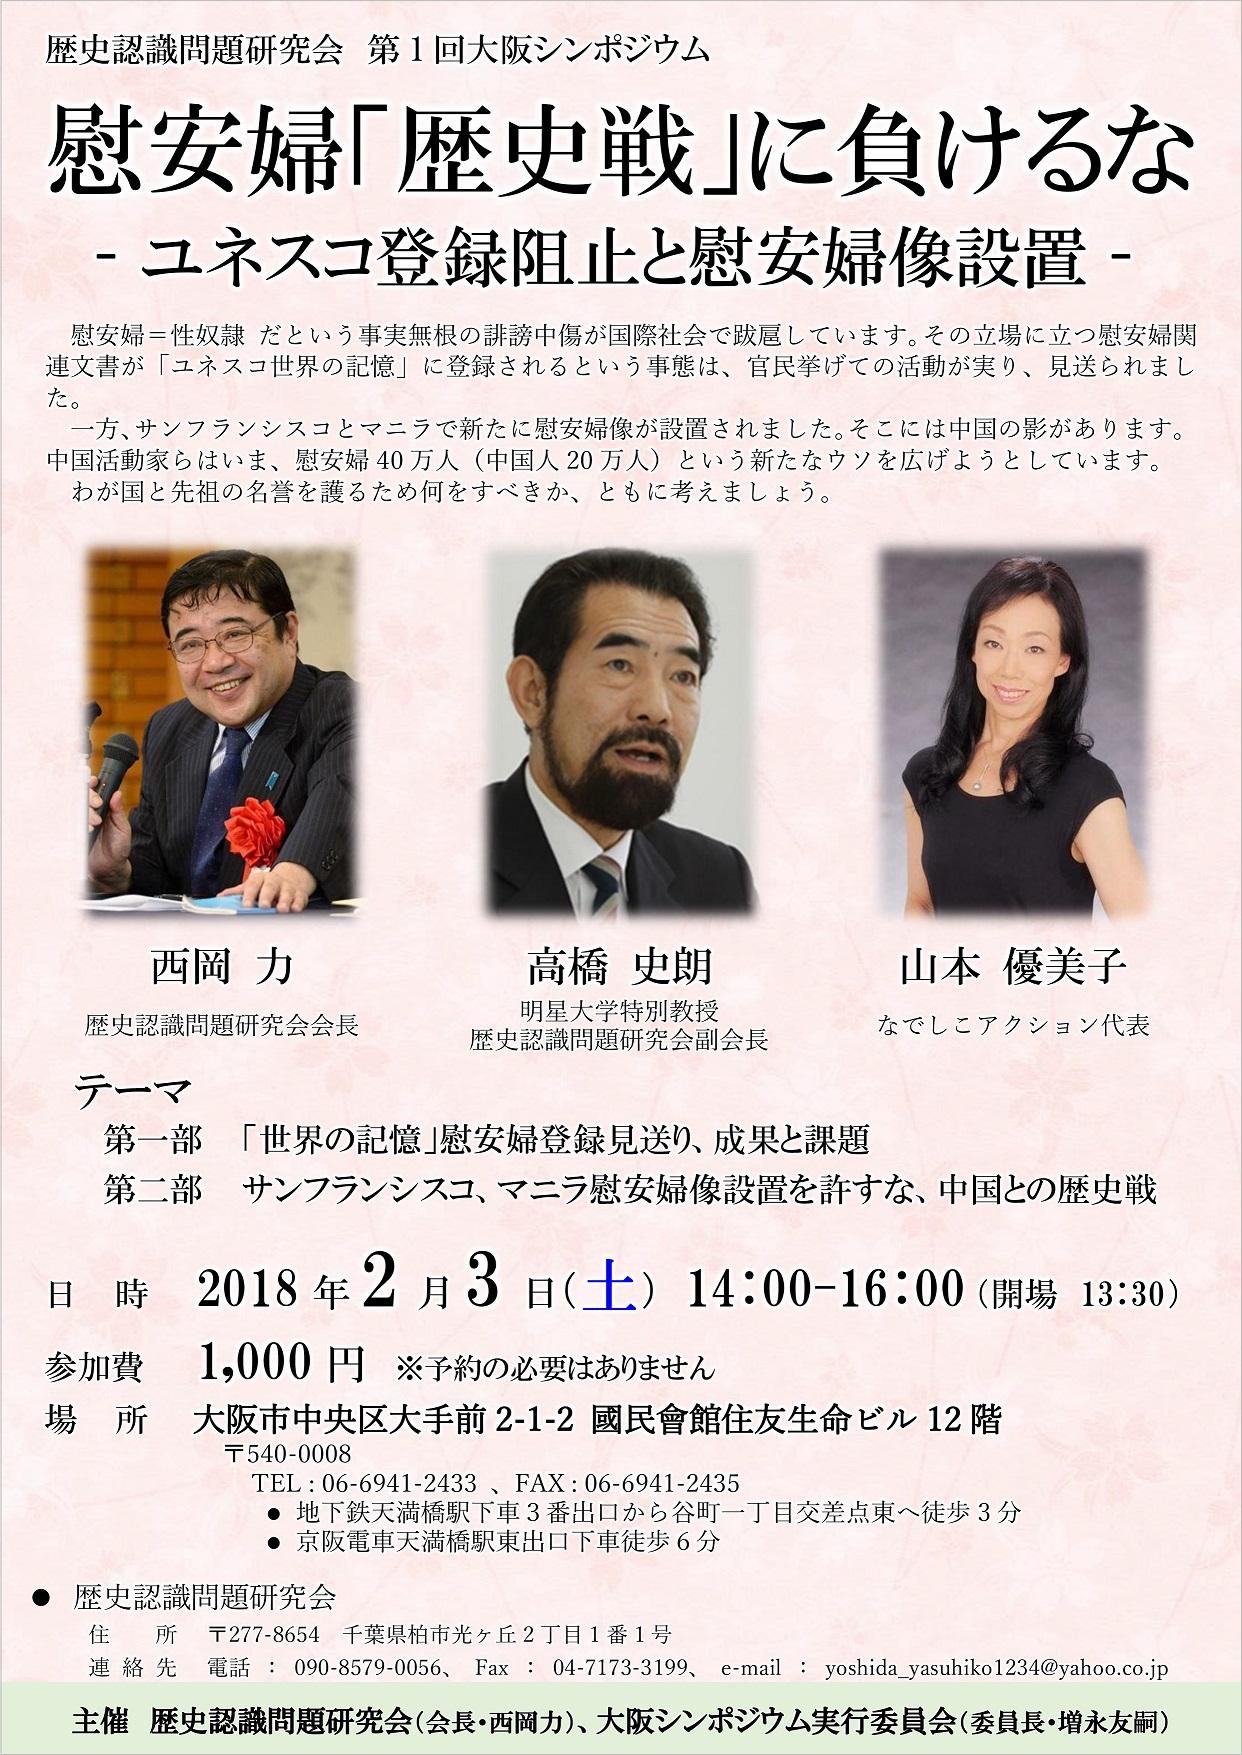 大阪シンポジウム2018 Feb 3